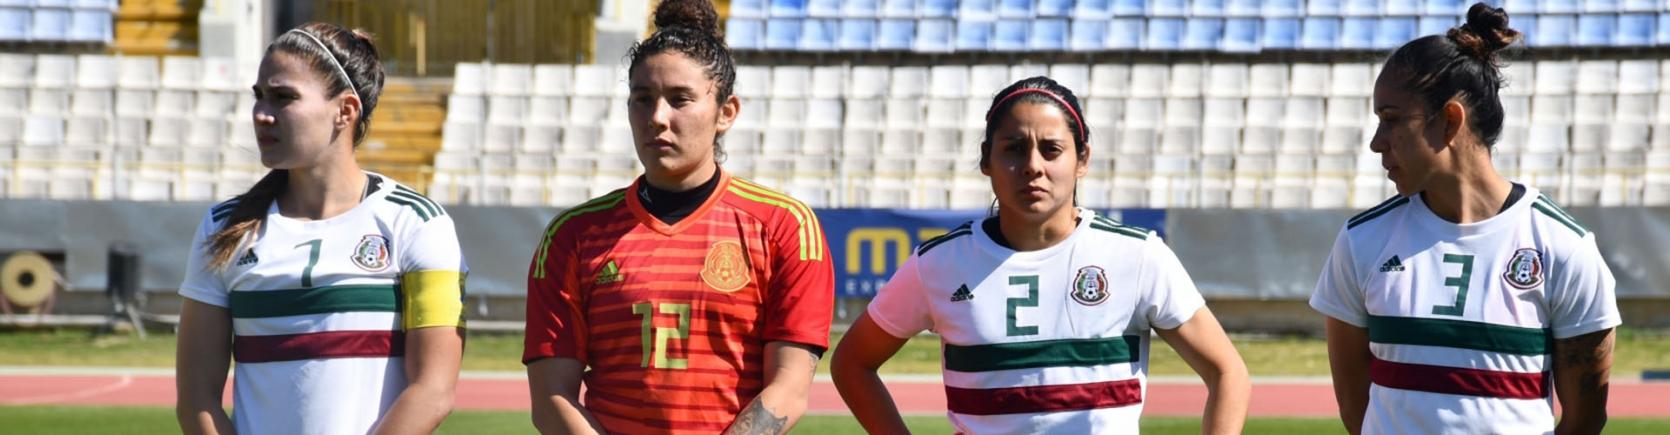 México quinto lugar de la Copa Chipre 2019 26bd52775b689